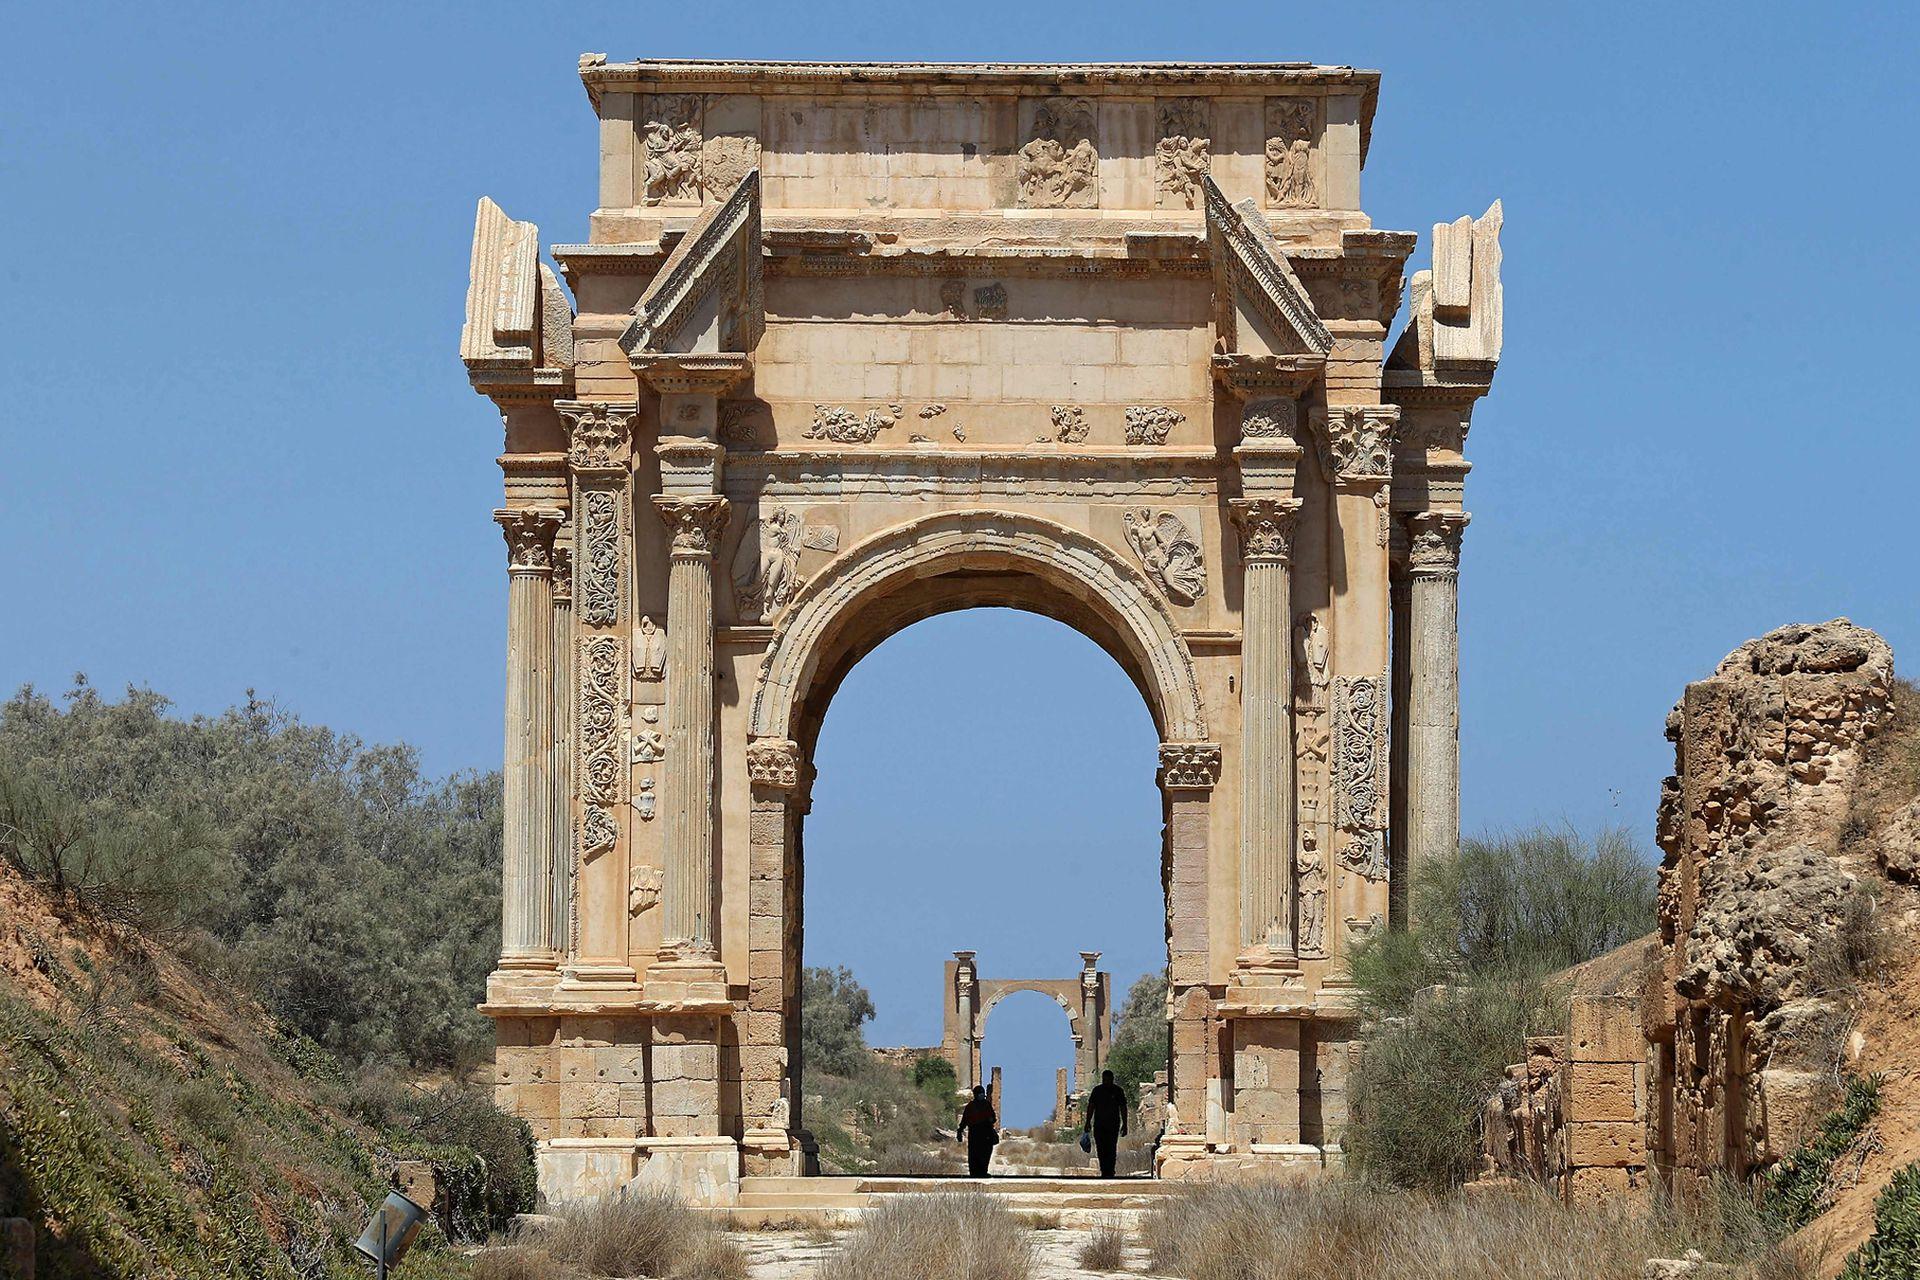 Pocos turistas caminando bajo el Arco de Sptimus Severus